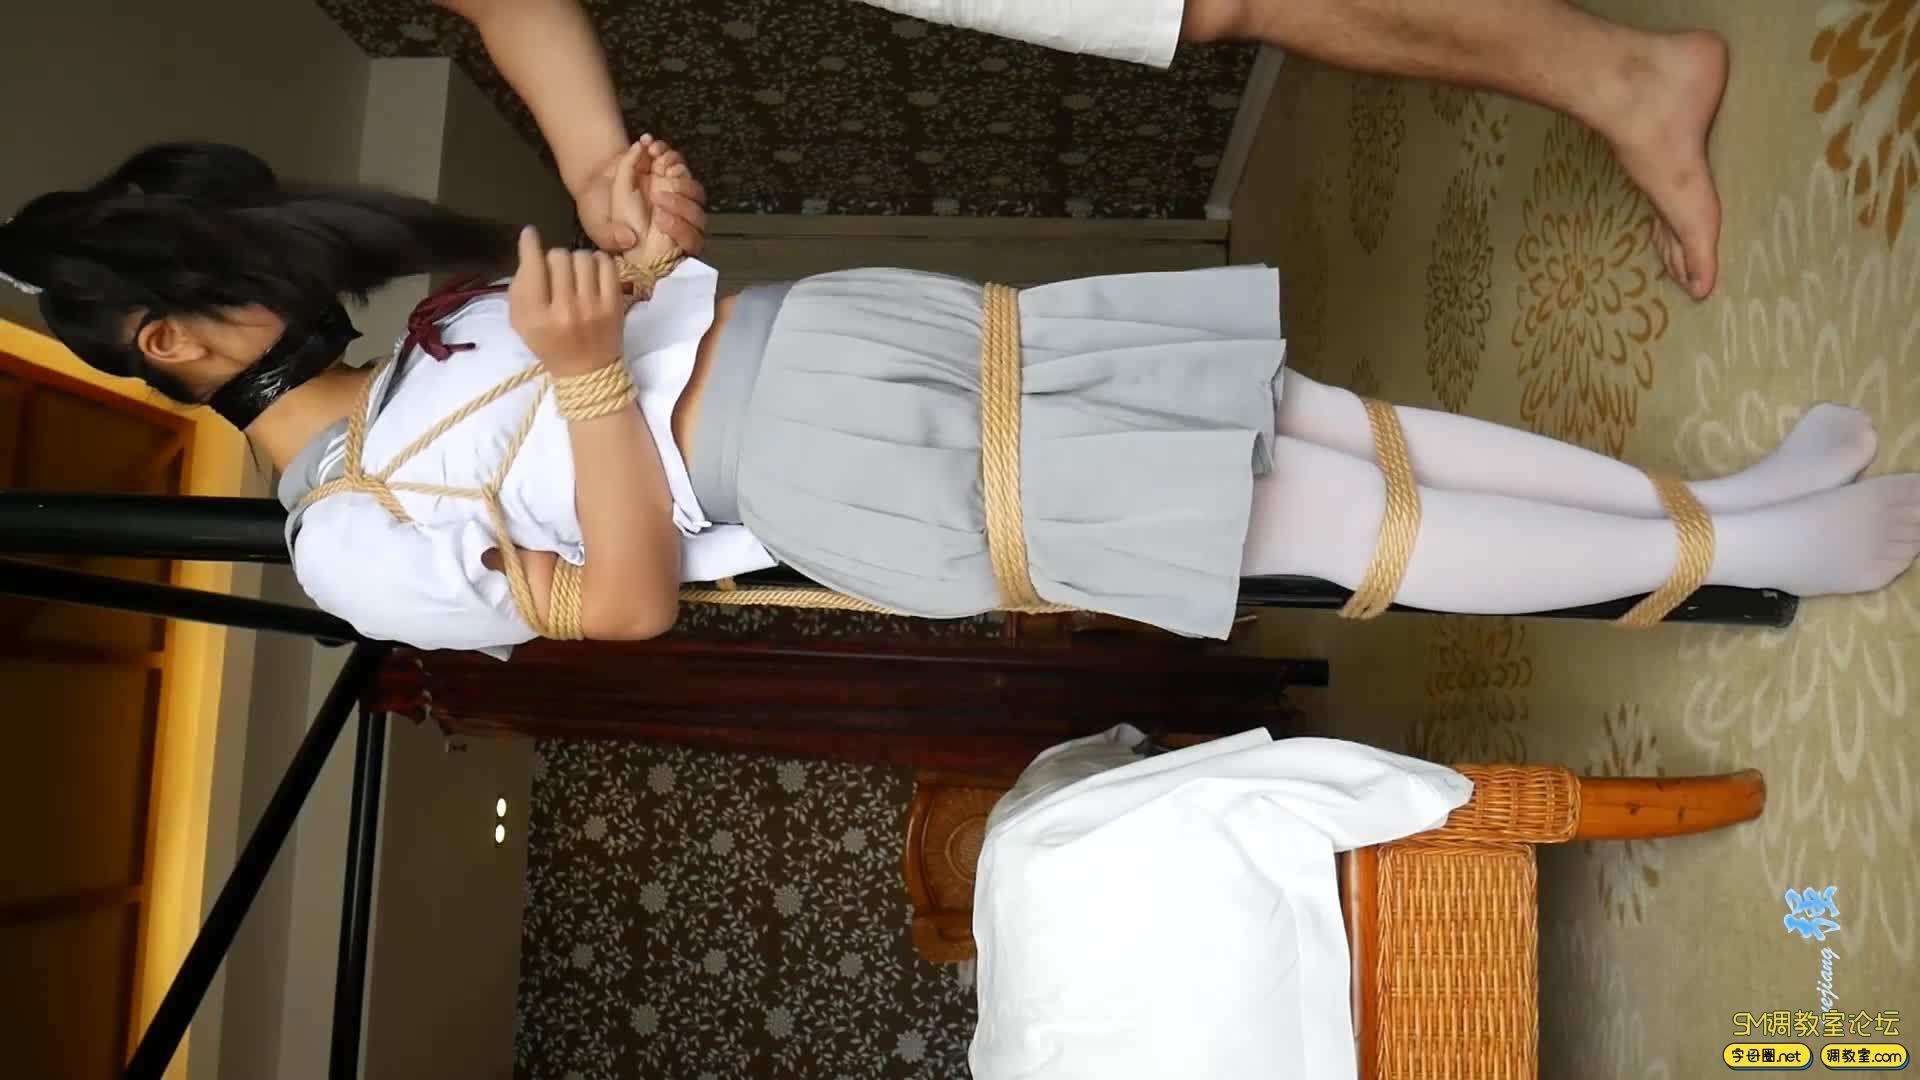 【小羽】 输了游戏可是要被吊起来的哦  白丝水手服吊缚-视频截图4